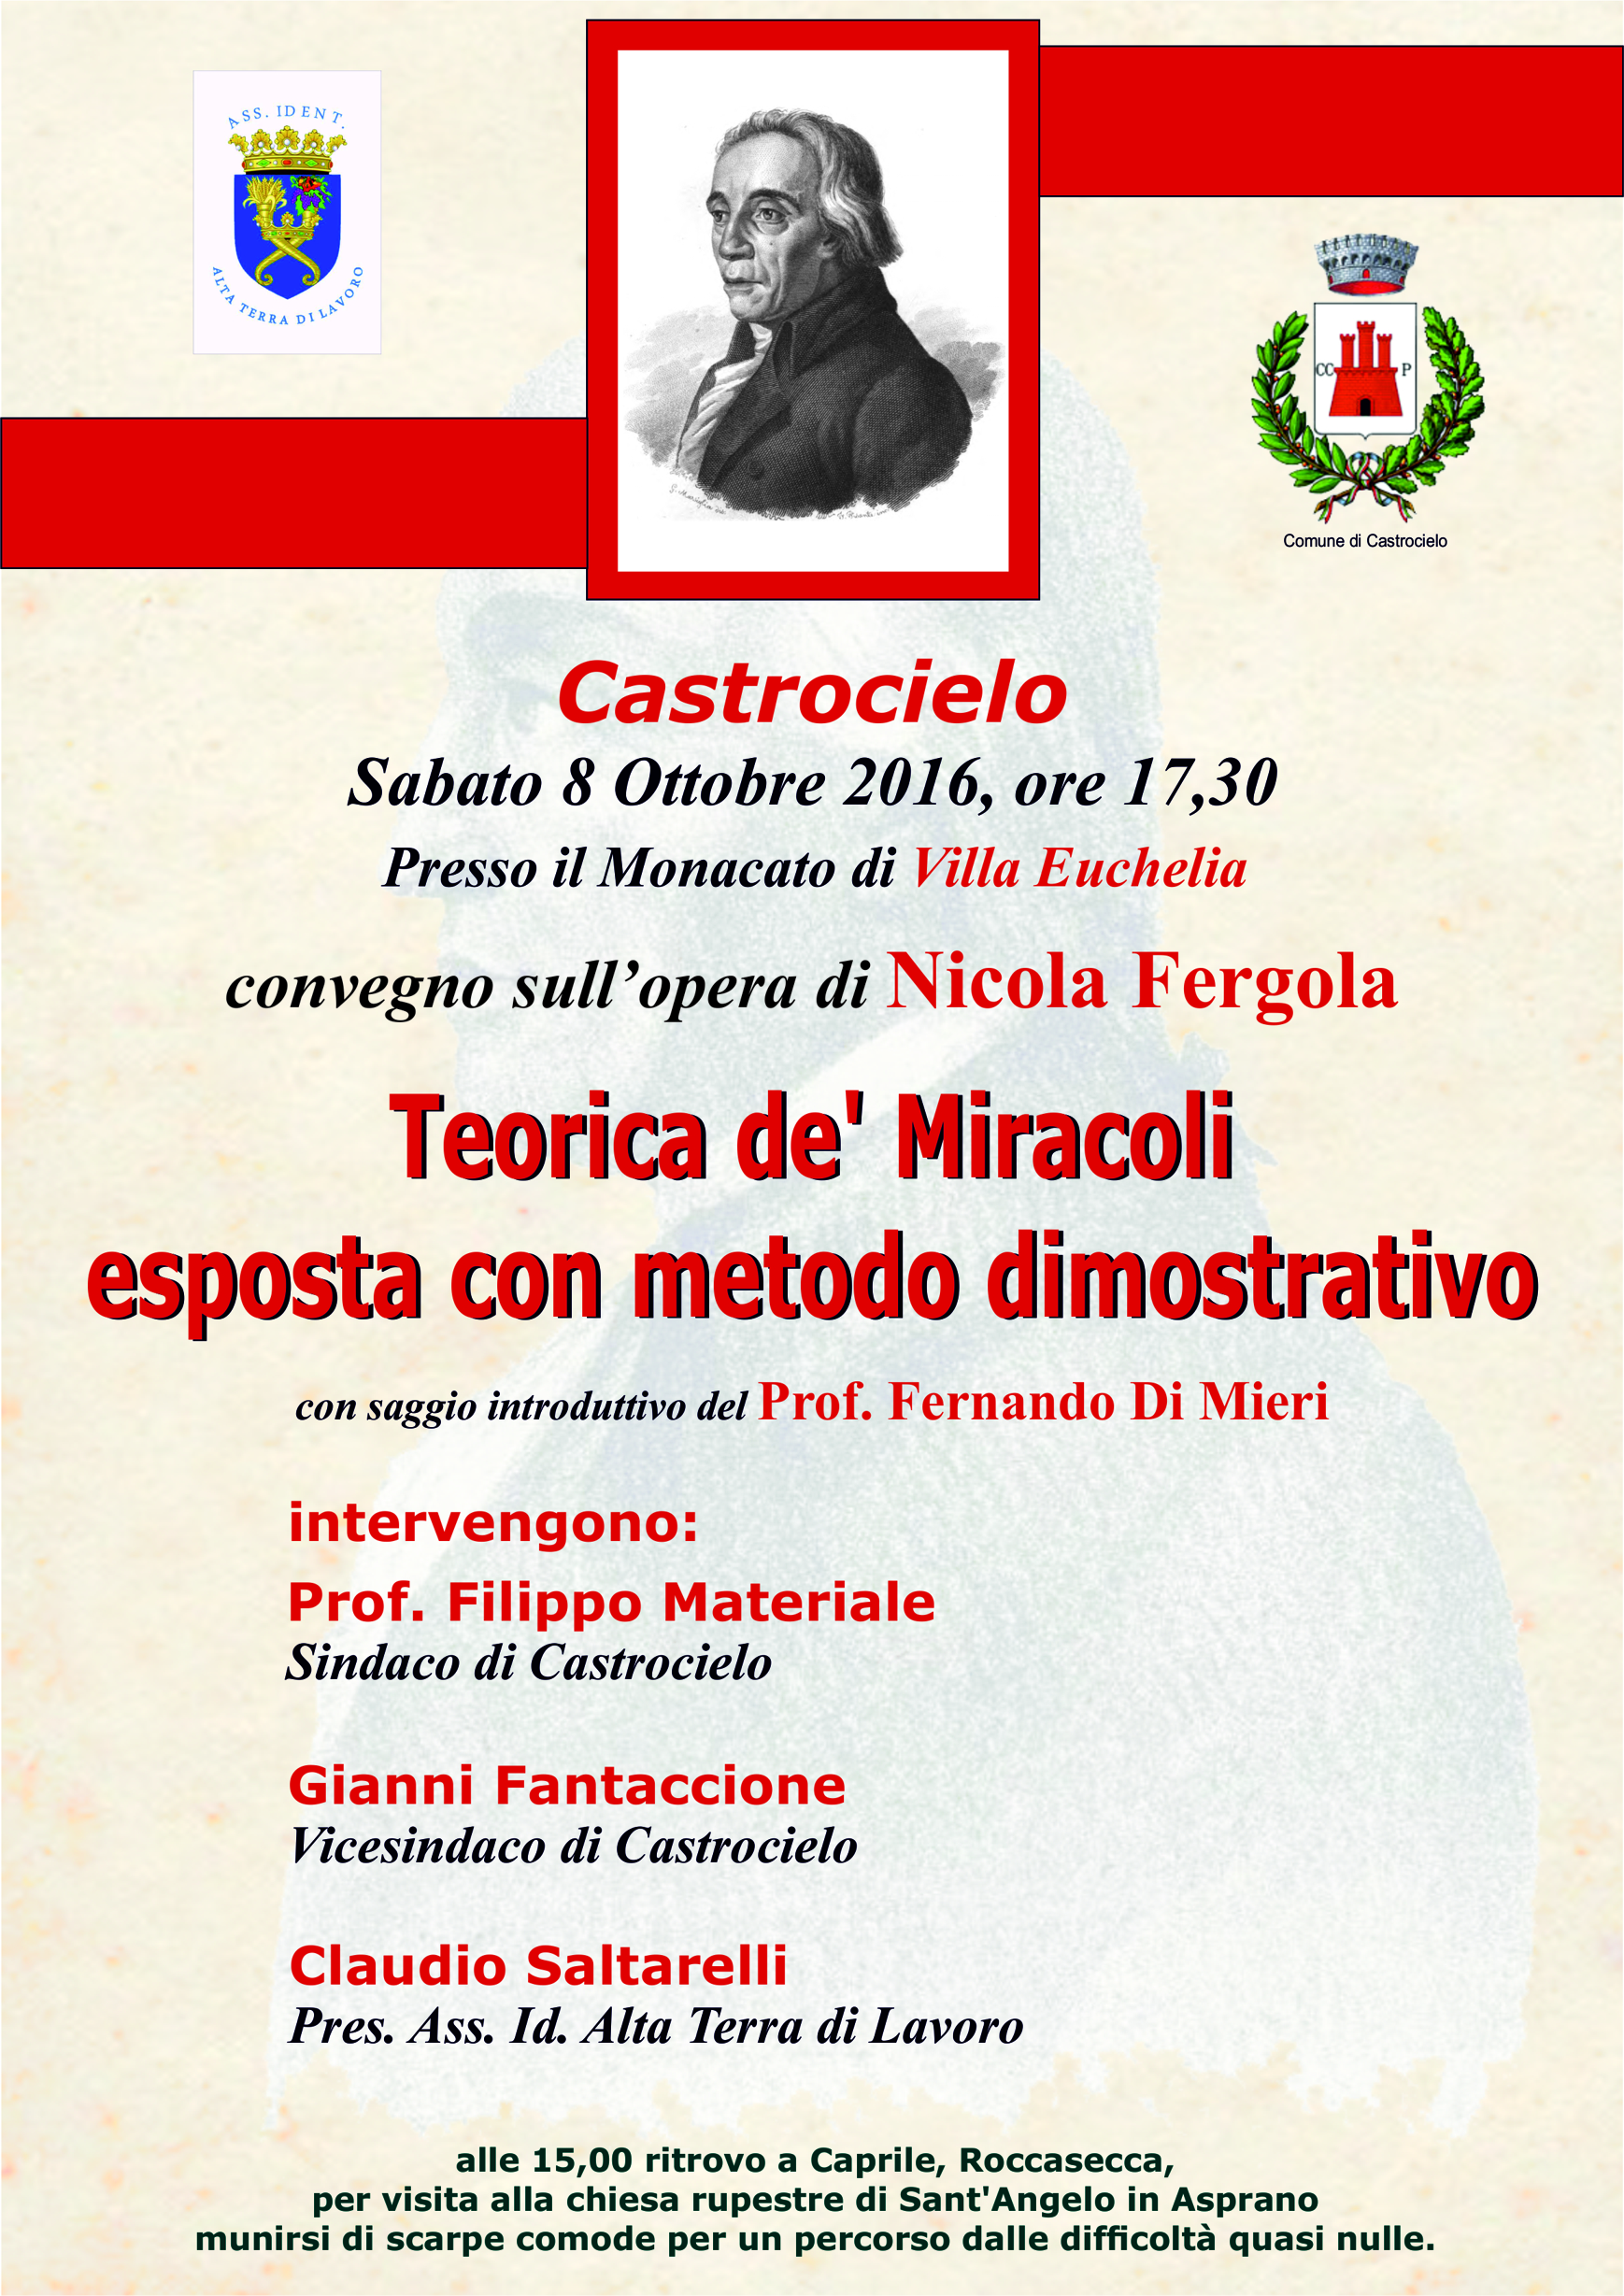 A4 - SALTARELLI C. TEORIA DE' MIRACOLI MANIFESTO 2016